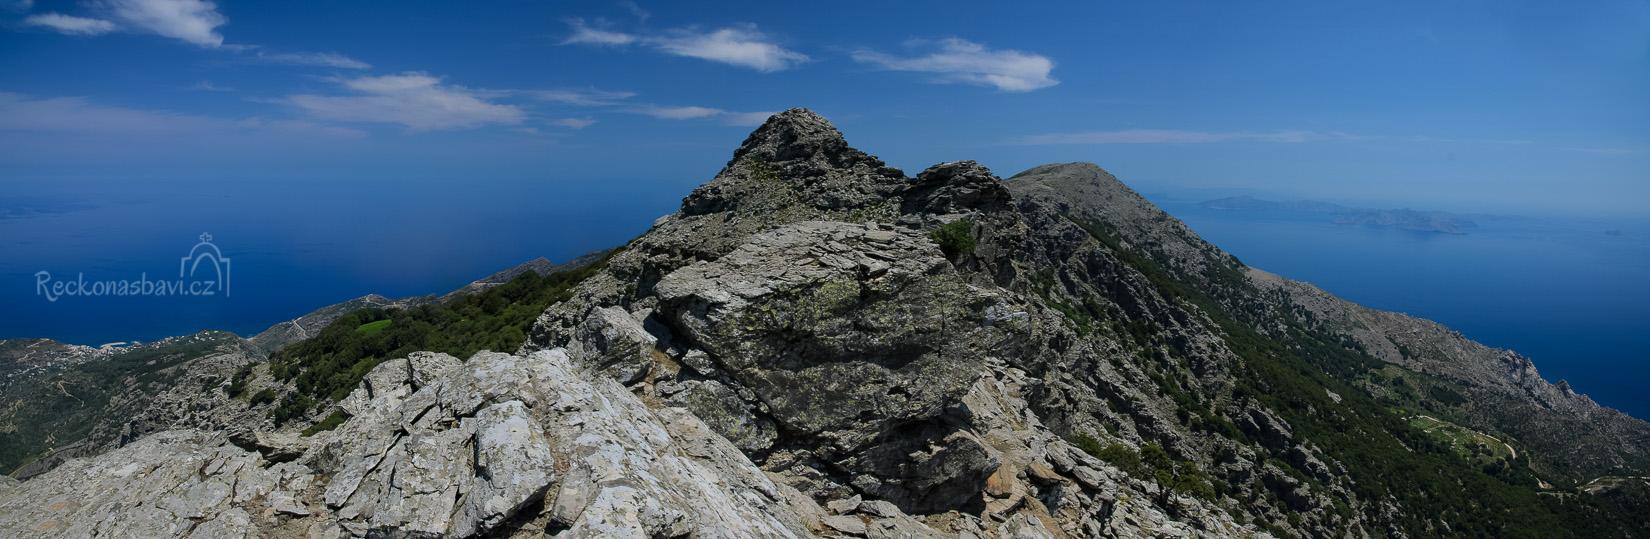 procházka se mění na Alpskou túru